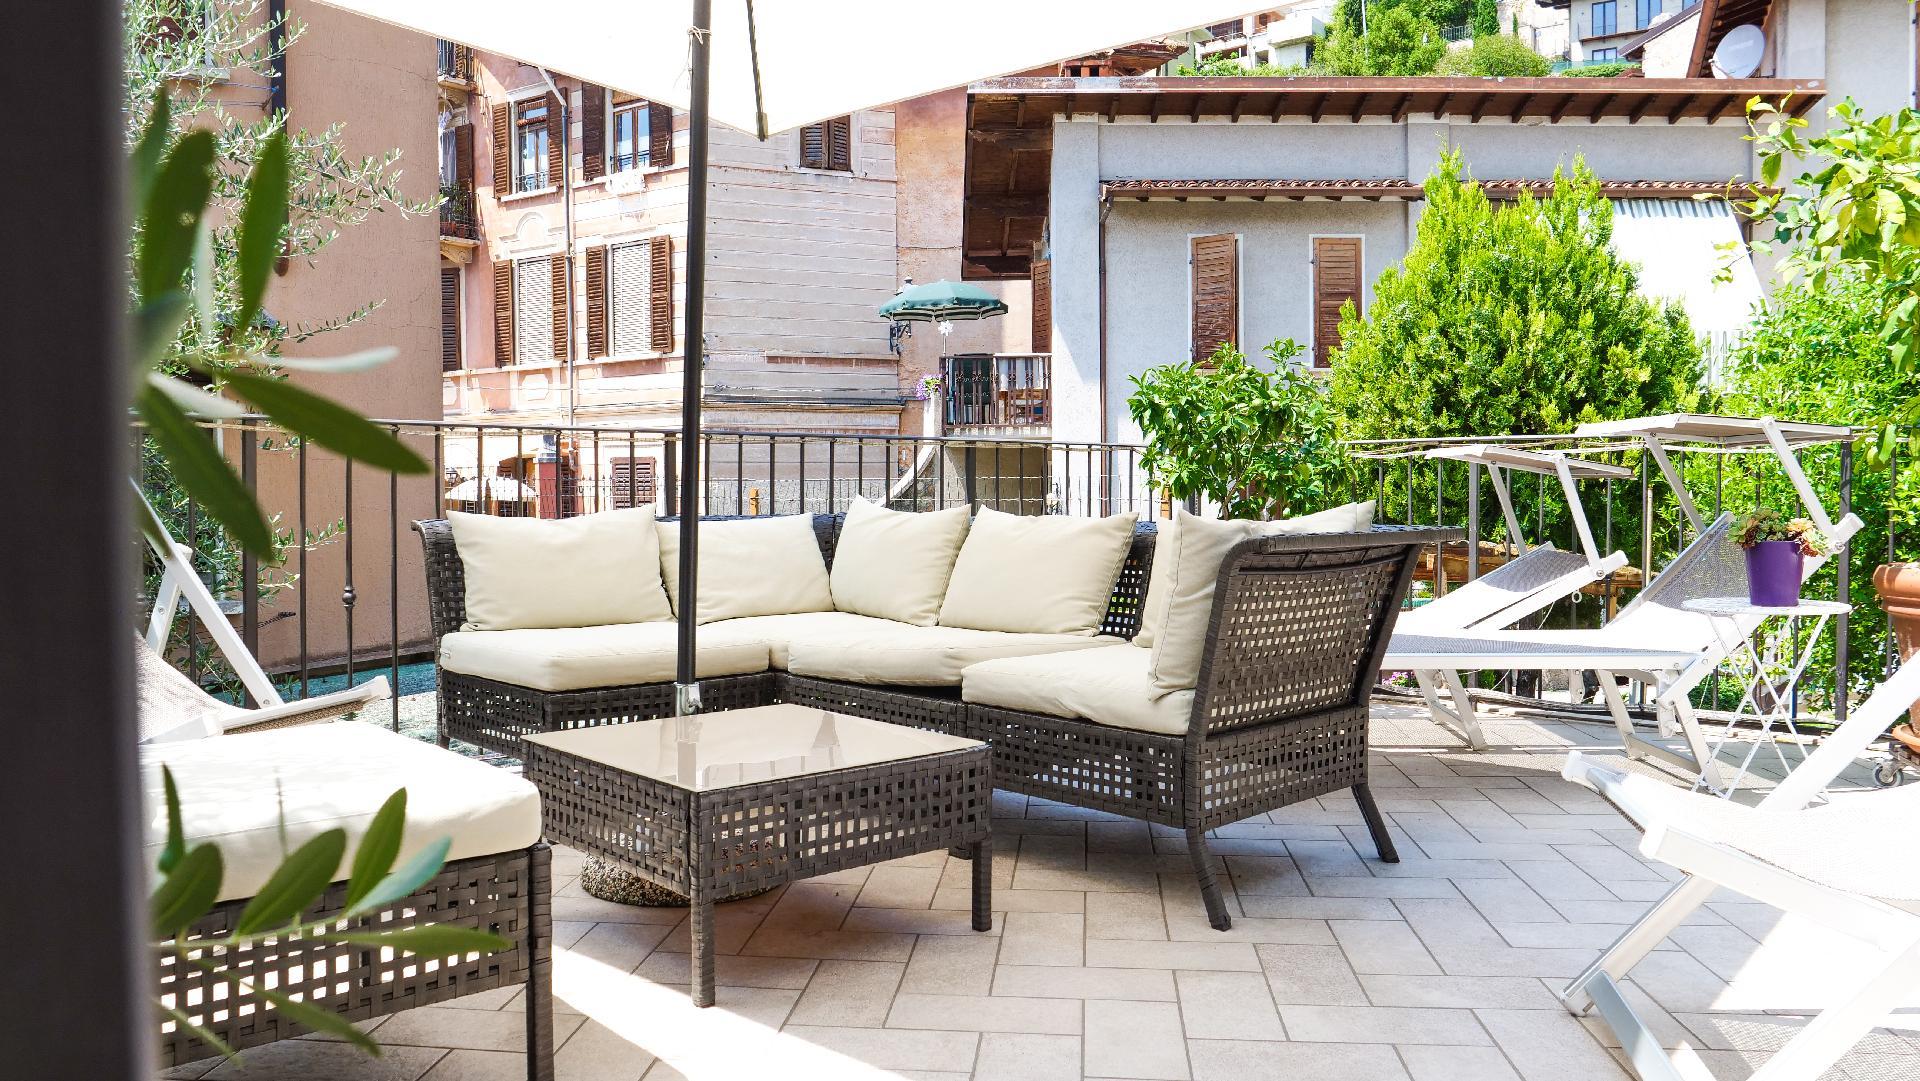 Ferienhaus für 18 Personen ca. 236 m² in   Gardasee - Lago di Garda